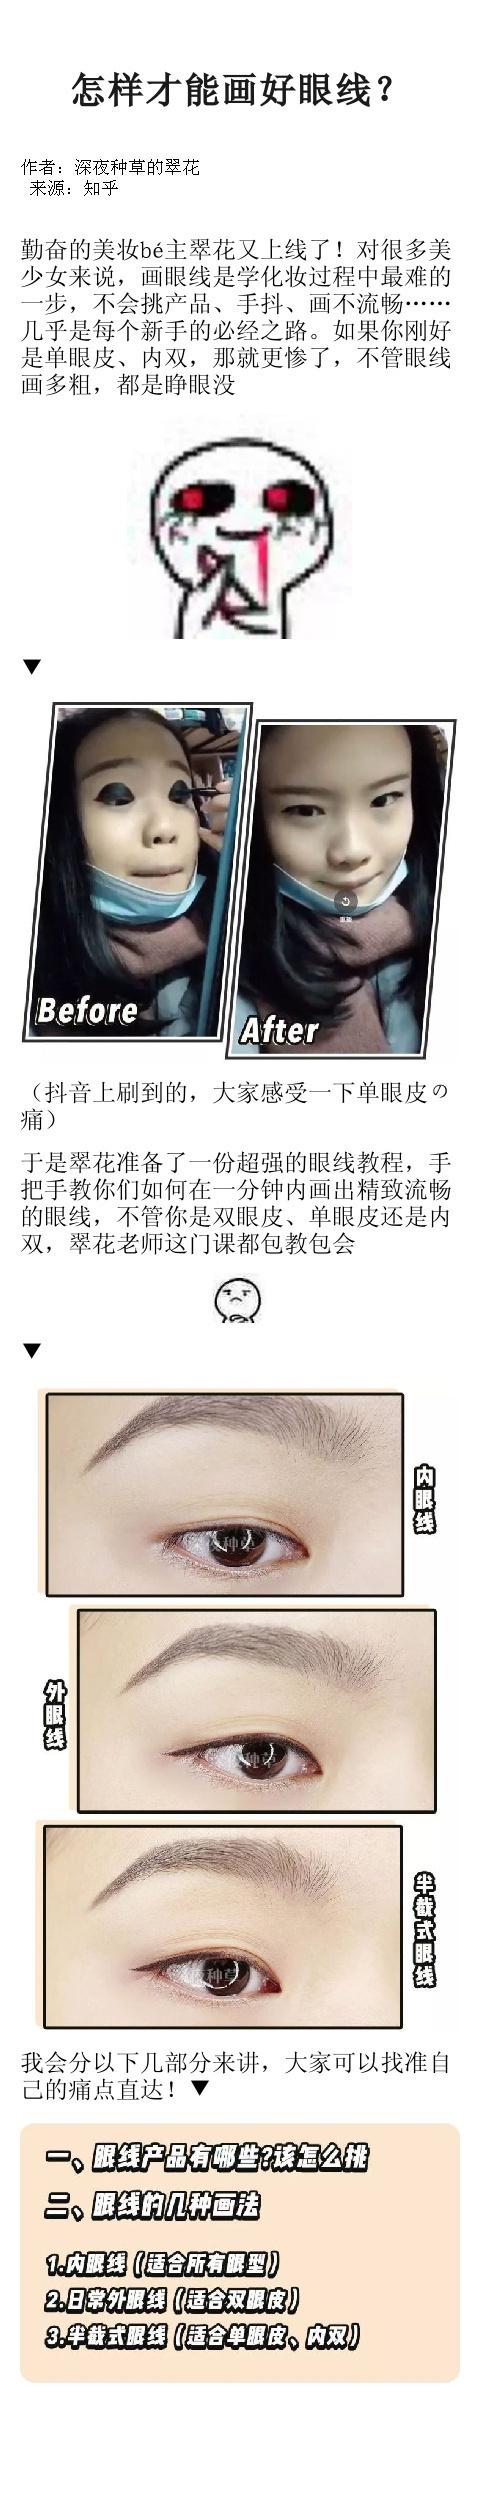 新手如何画眼线眼线? ?